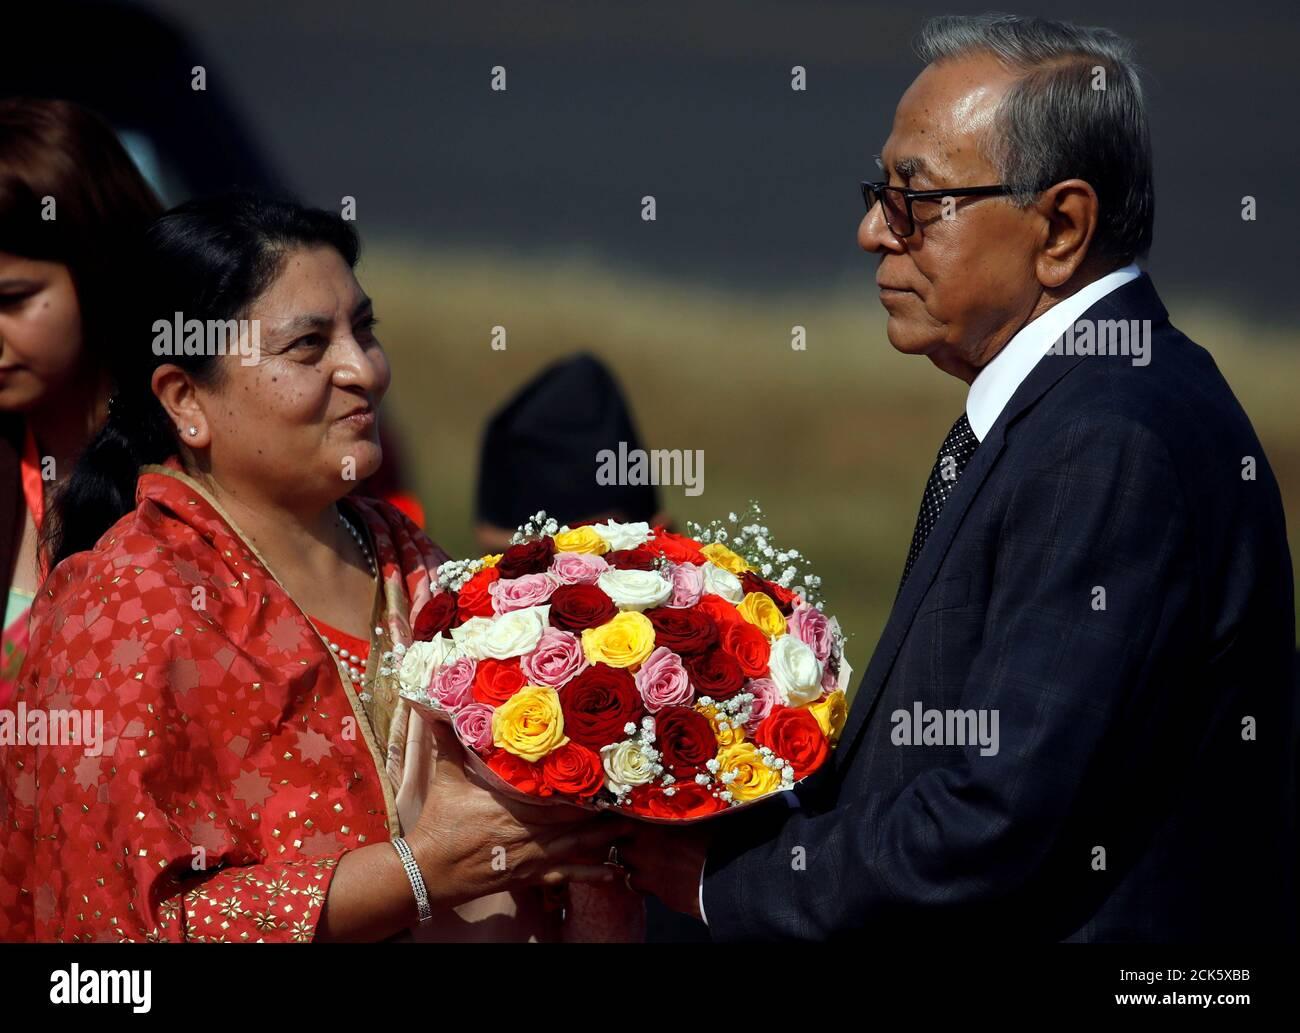 Le président du Bangladesh, Abdul Hamid, reçoit un bouquet du président népalais, Bidhya Devi Bhandari, à son arrivée à l'aéroport international de Tribhuvan à Katmandou, au Népal, le 12 novembre 2019. REUTERS/Navesh Chitrakar Banque D'Images